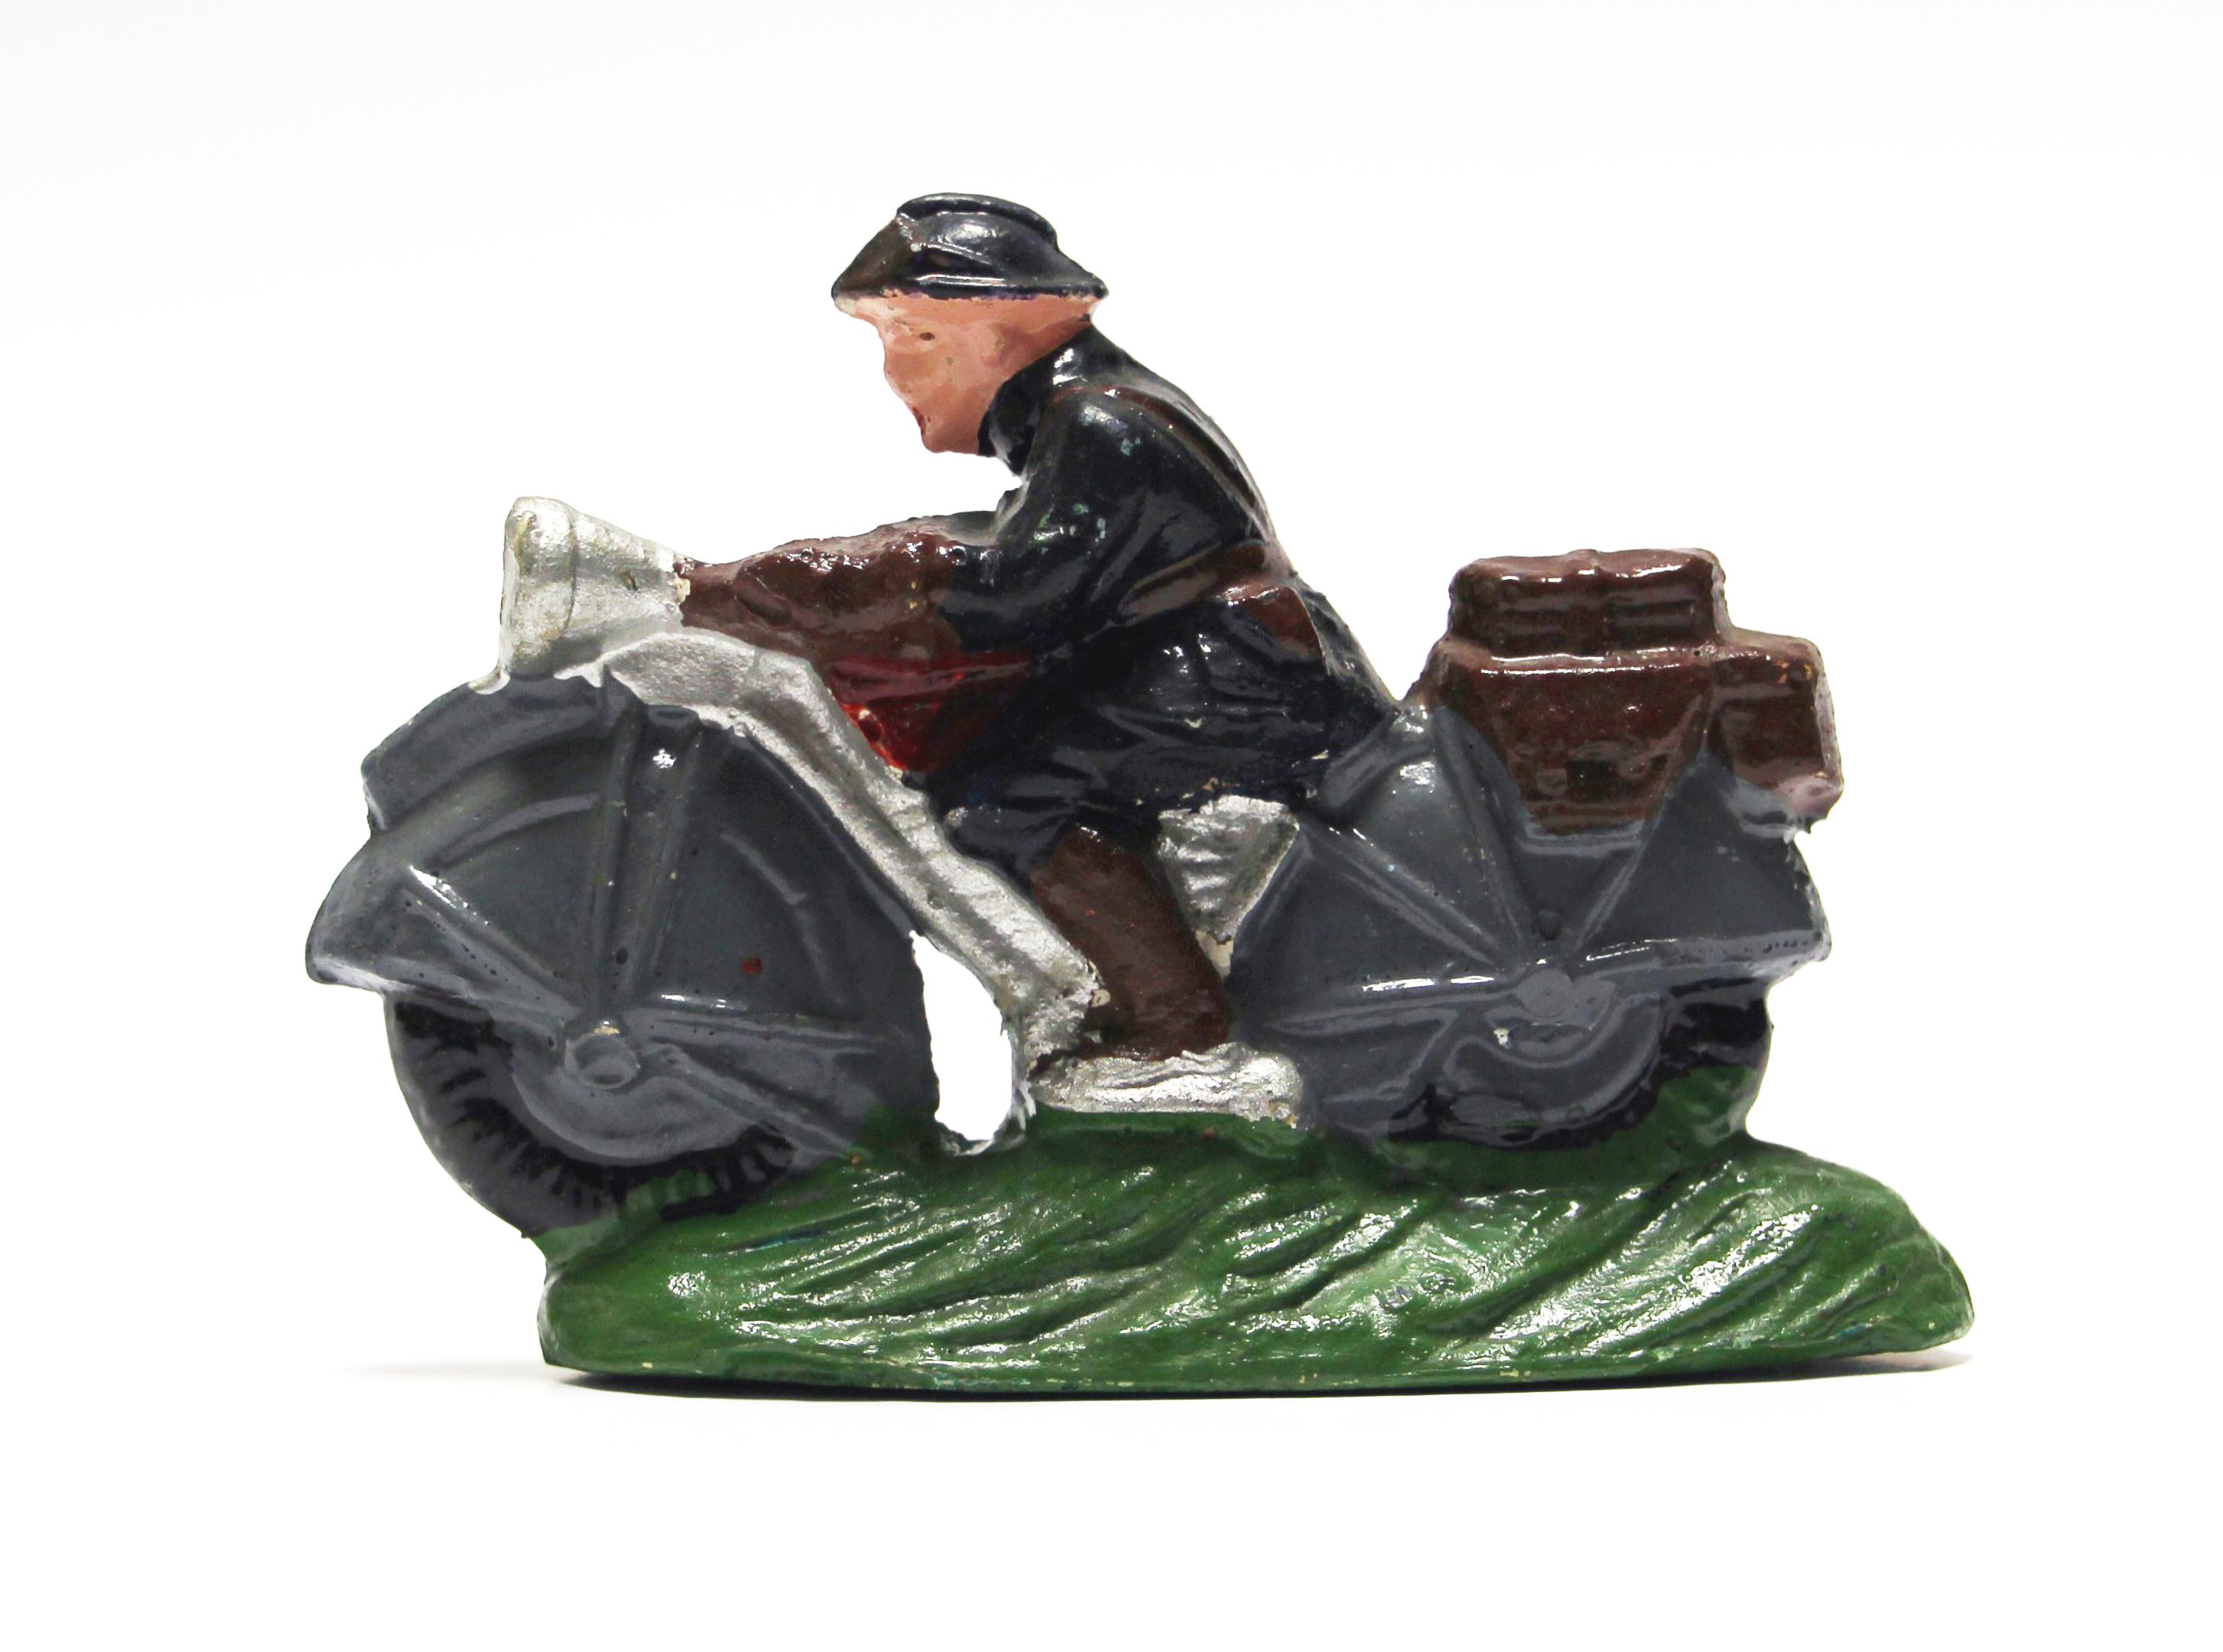 Ancienne Figurine Composite Armée Soldat - Plâtre - Motard - Moto - Soldat - Armée Française - 1940